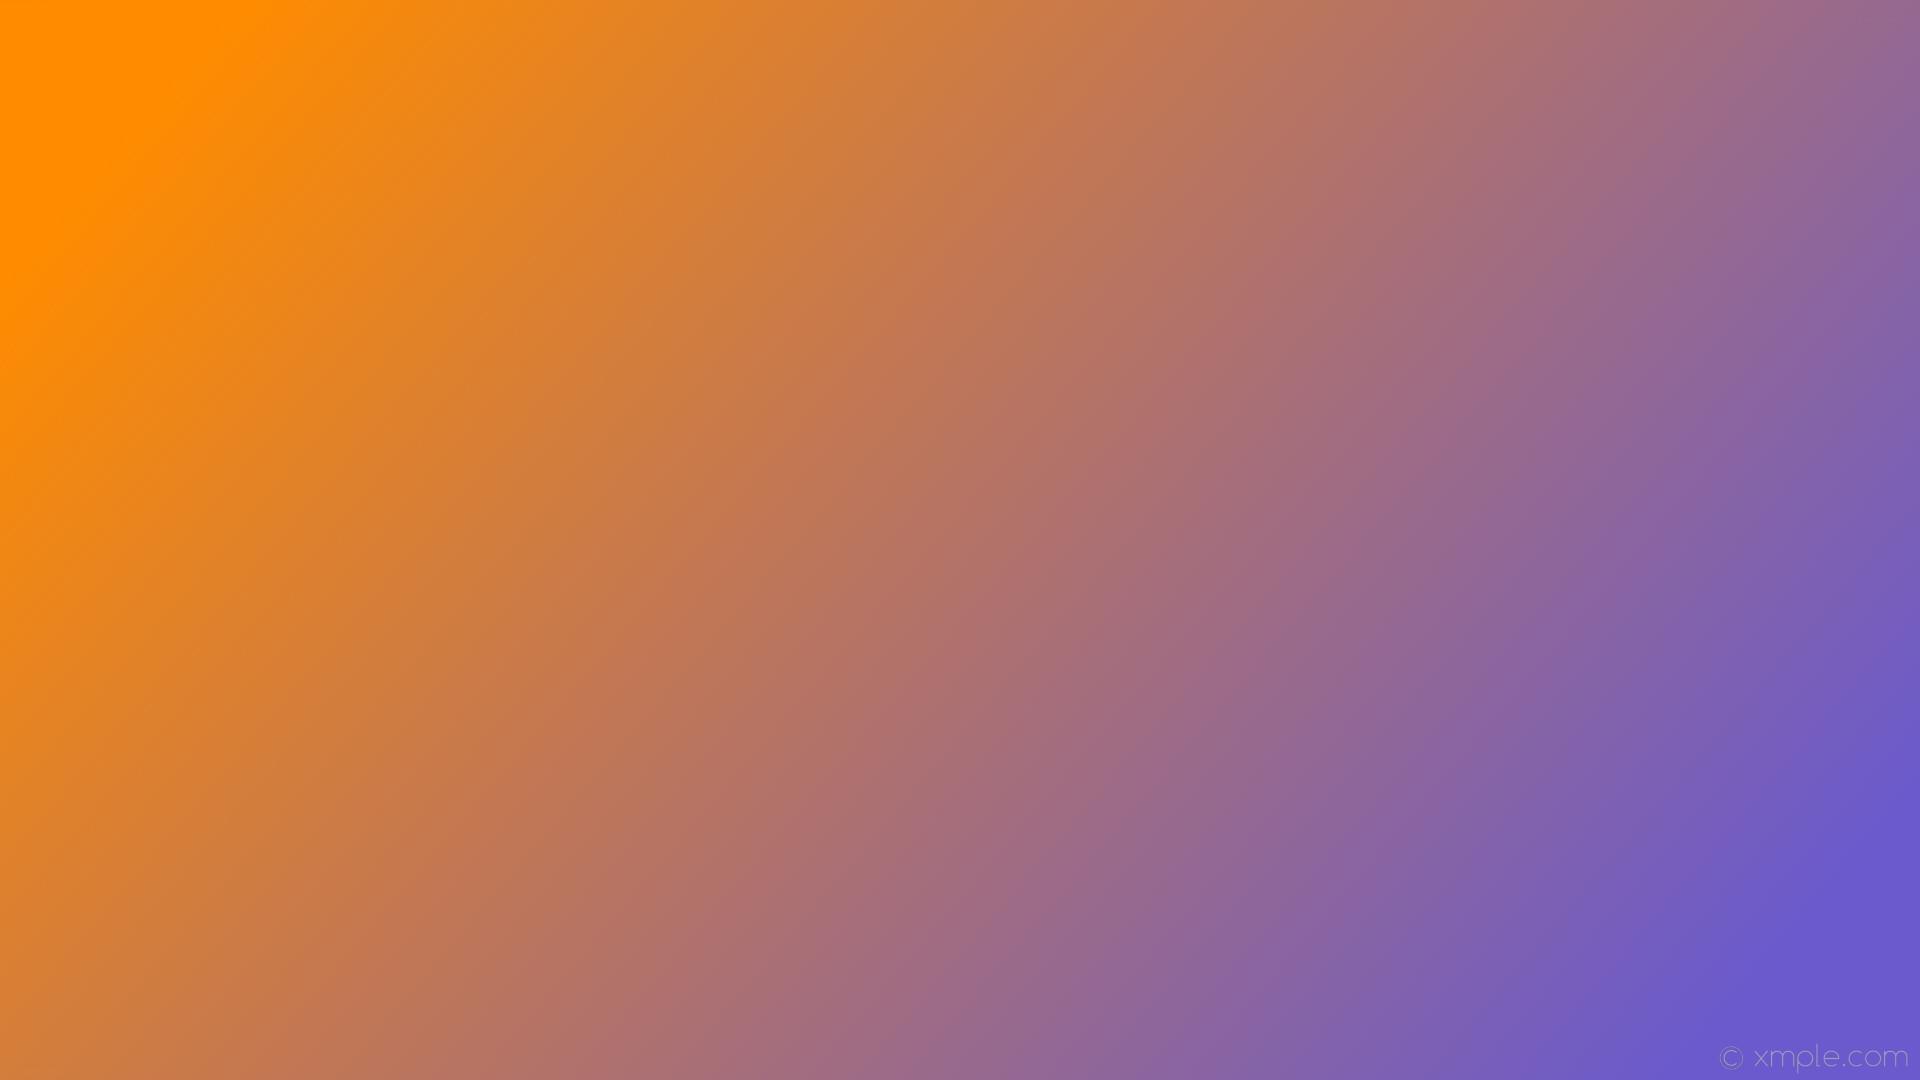 wallpaper purple orange gradient linear slate blue dark orange #6a5acd  #ff8c00 345°